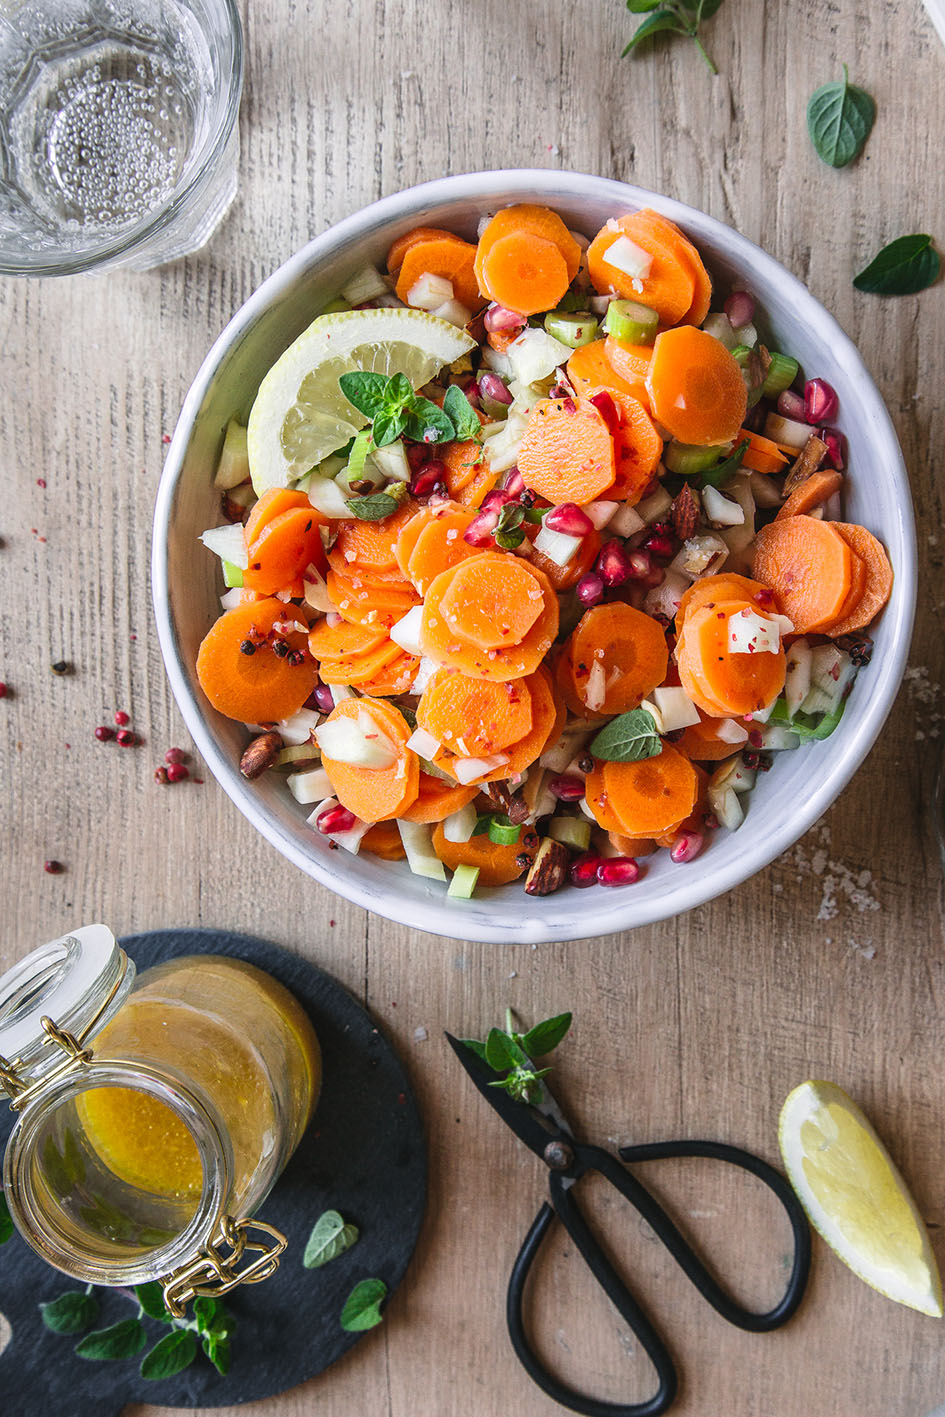 Möhren-Fenchel-Salat in weißer Schüssel mit Dressing in Flasche